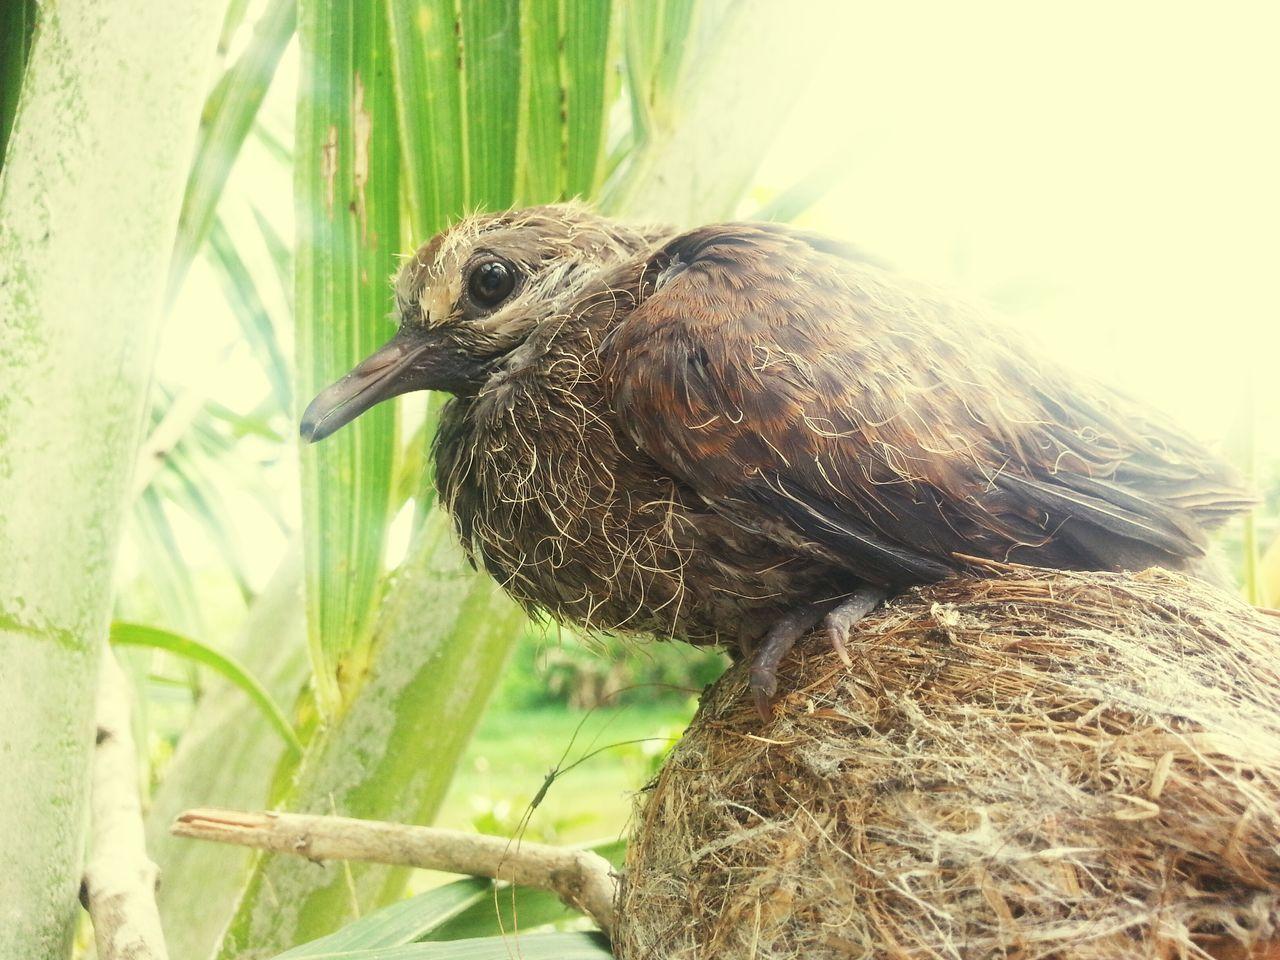 Birds eyeview. . . Brown Brownbird Bird Photography Birds Bird Birds🐦⛅ Birds_collection Birds_n_branches Birdsnest Nest Youngbird